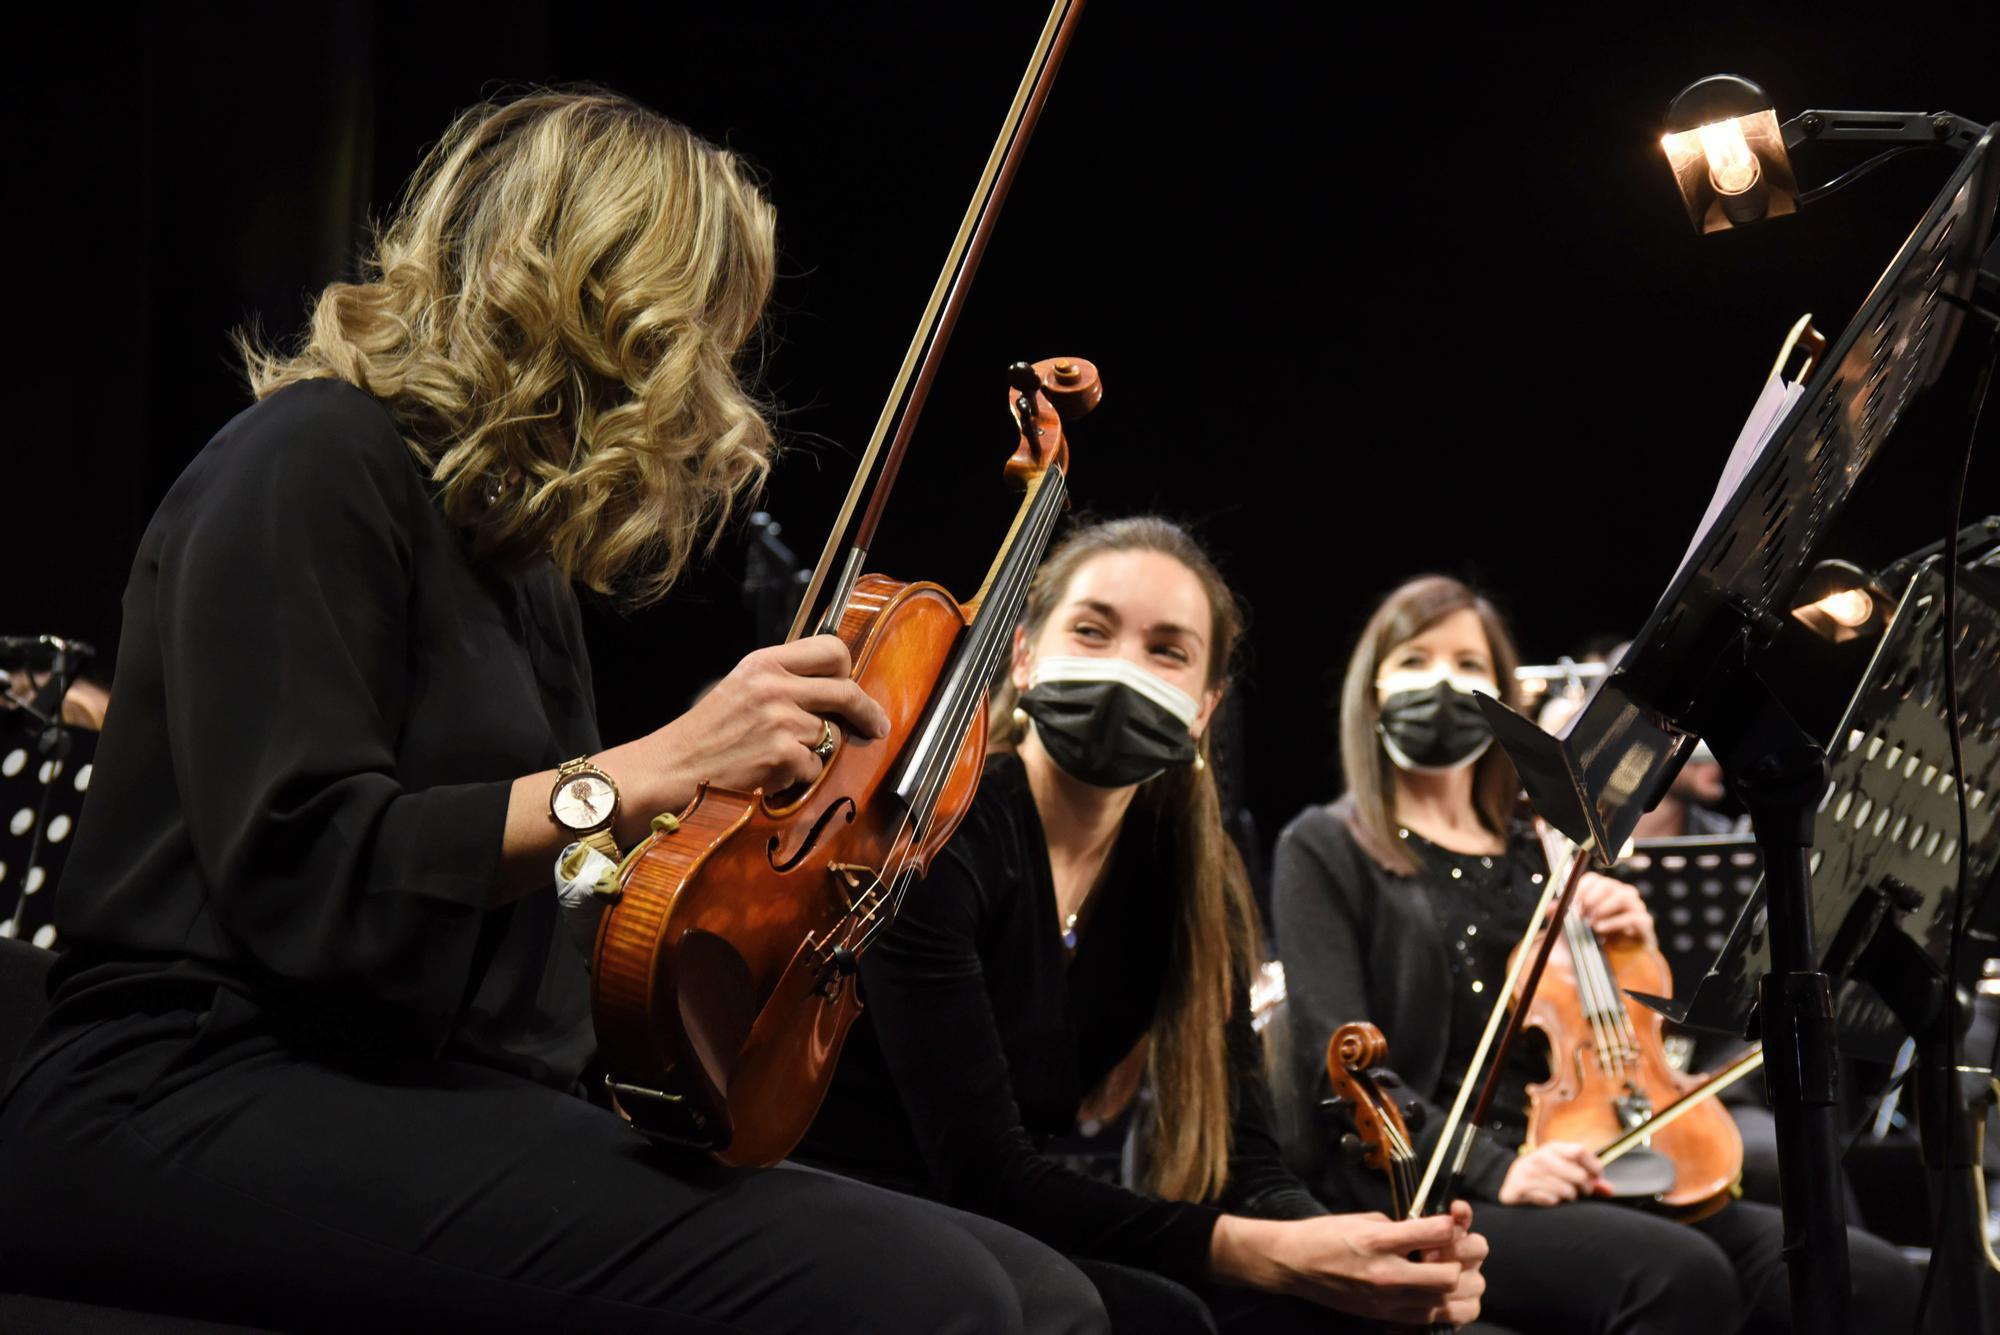 Nueva banda sinfónica del Teatro Soho CaixaBank